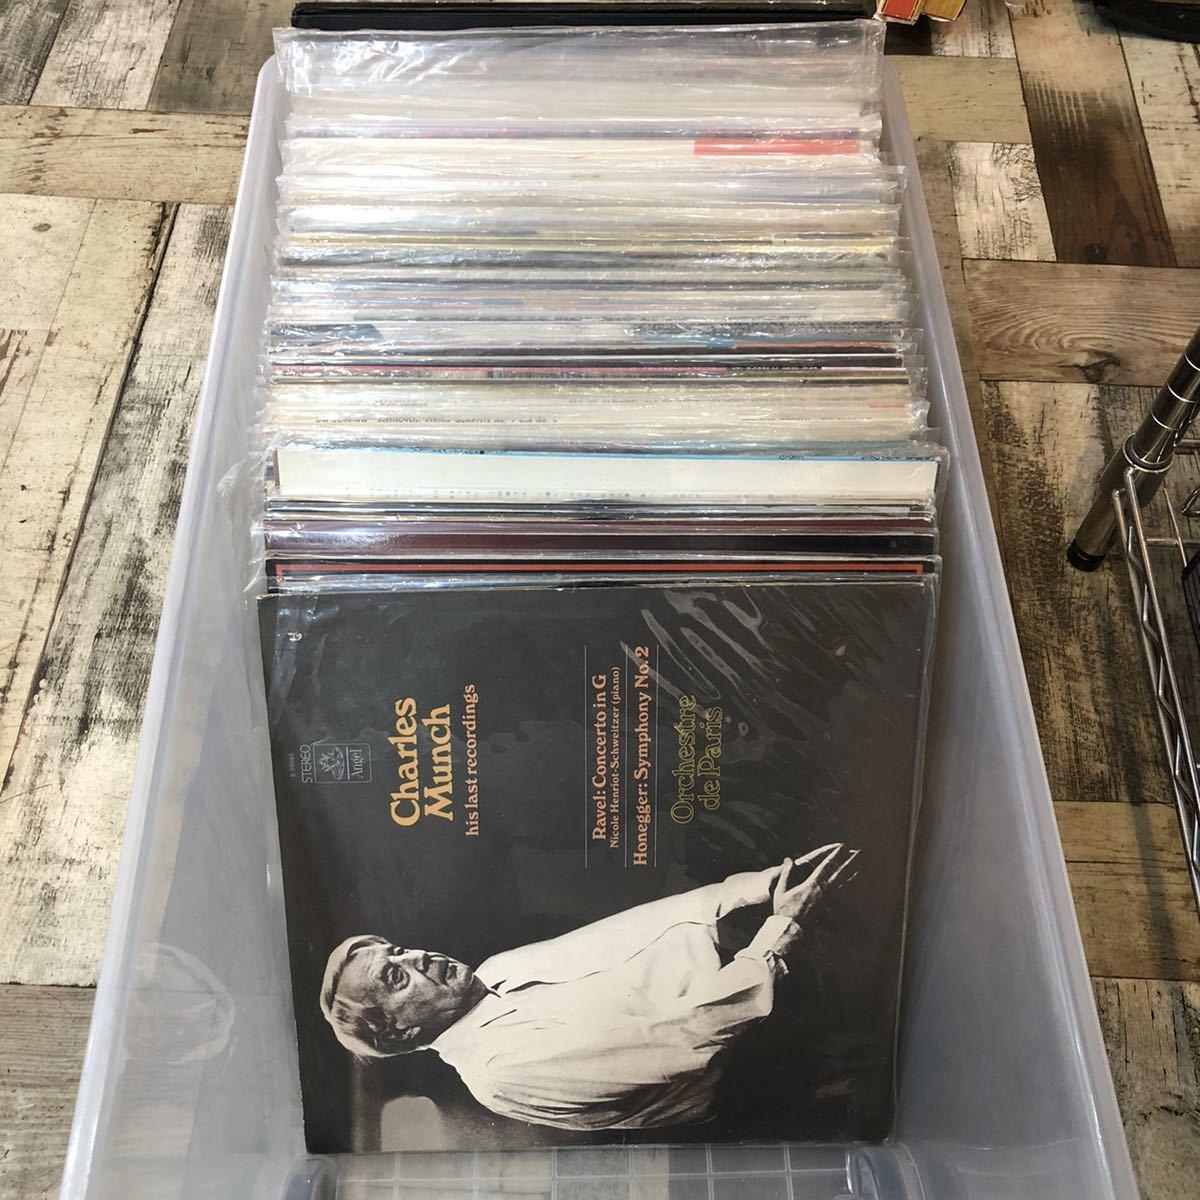 お宝発見 クラシック中心 レコード 大量まとめ売り 約60枚